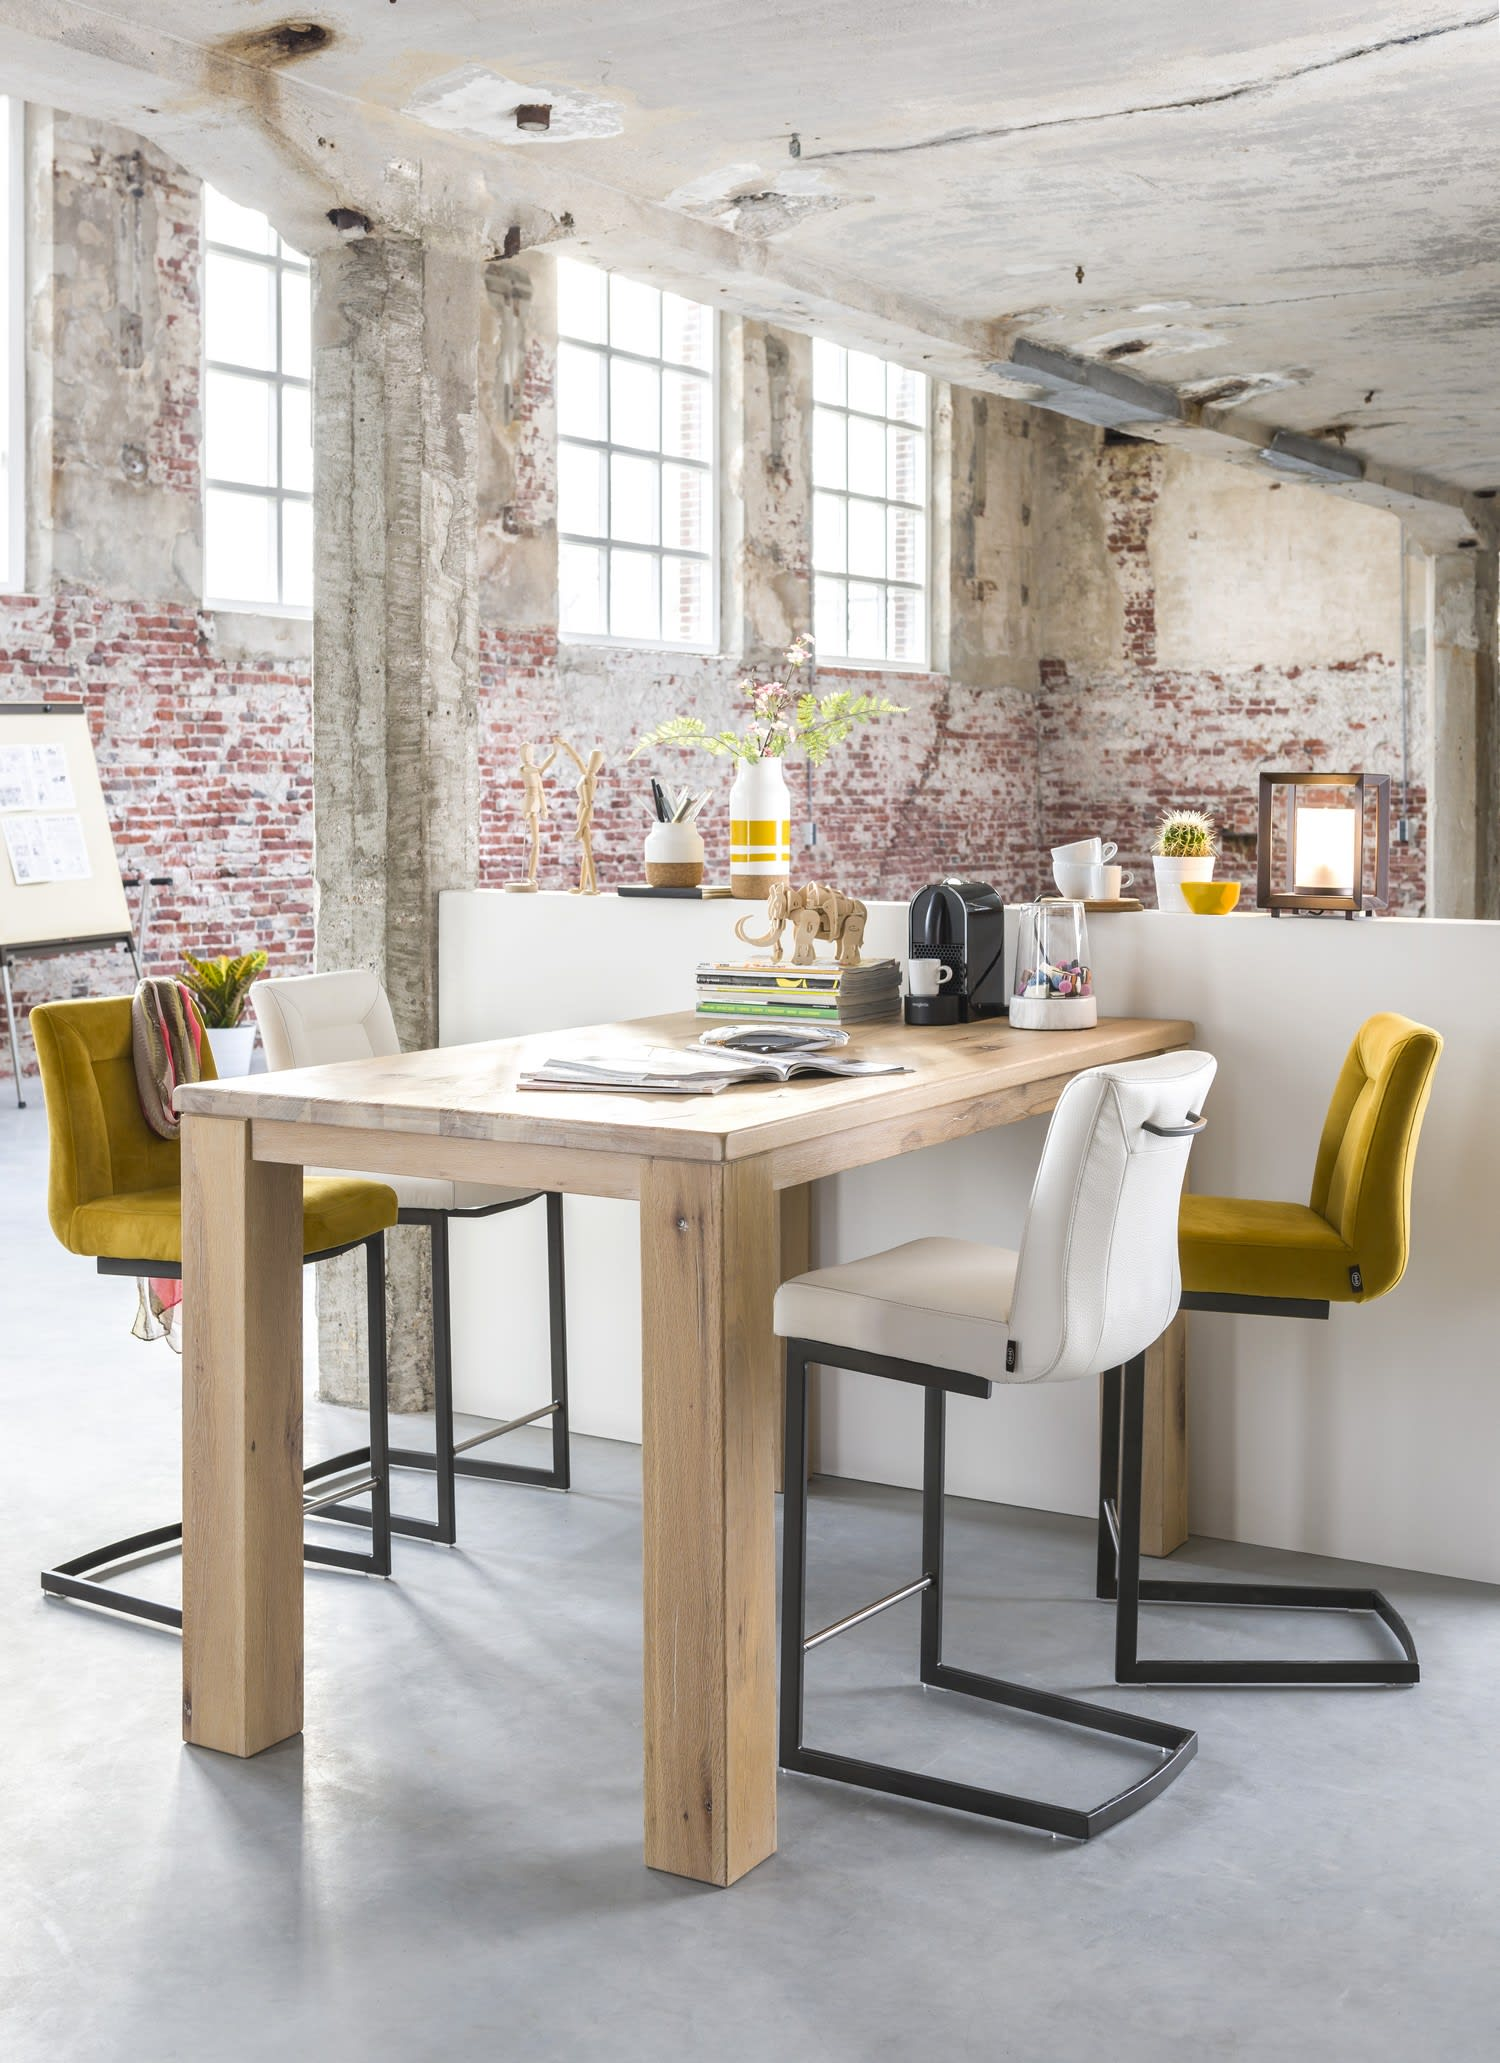 Belle Optimiser son espace cuisine : la table de bar et ses atouts CA-61